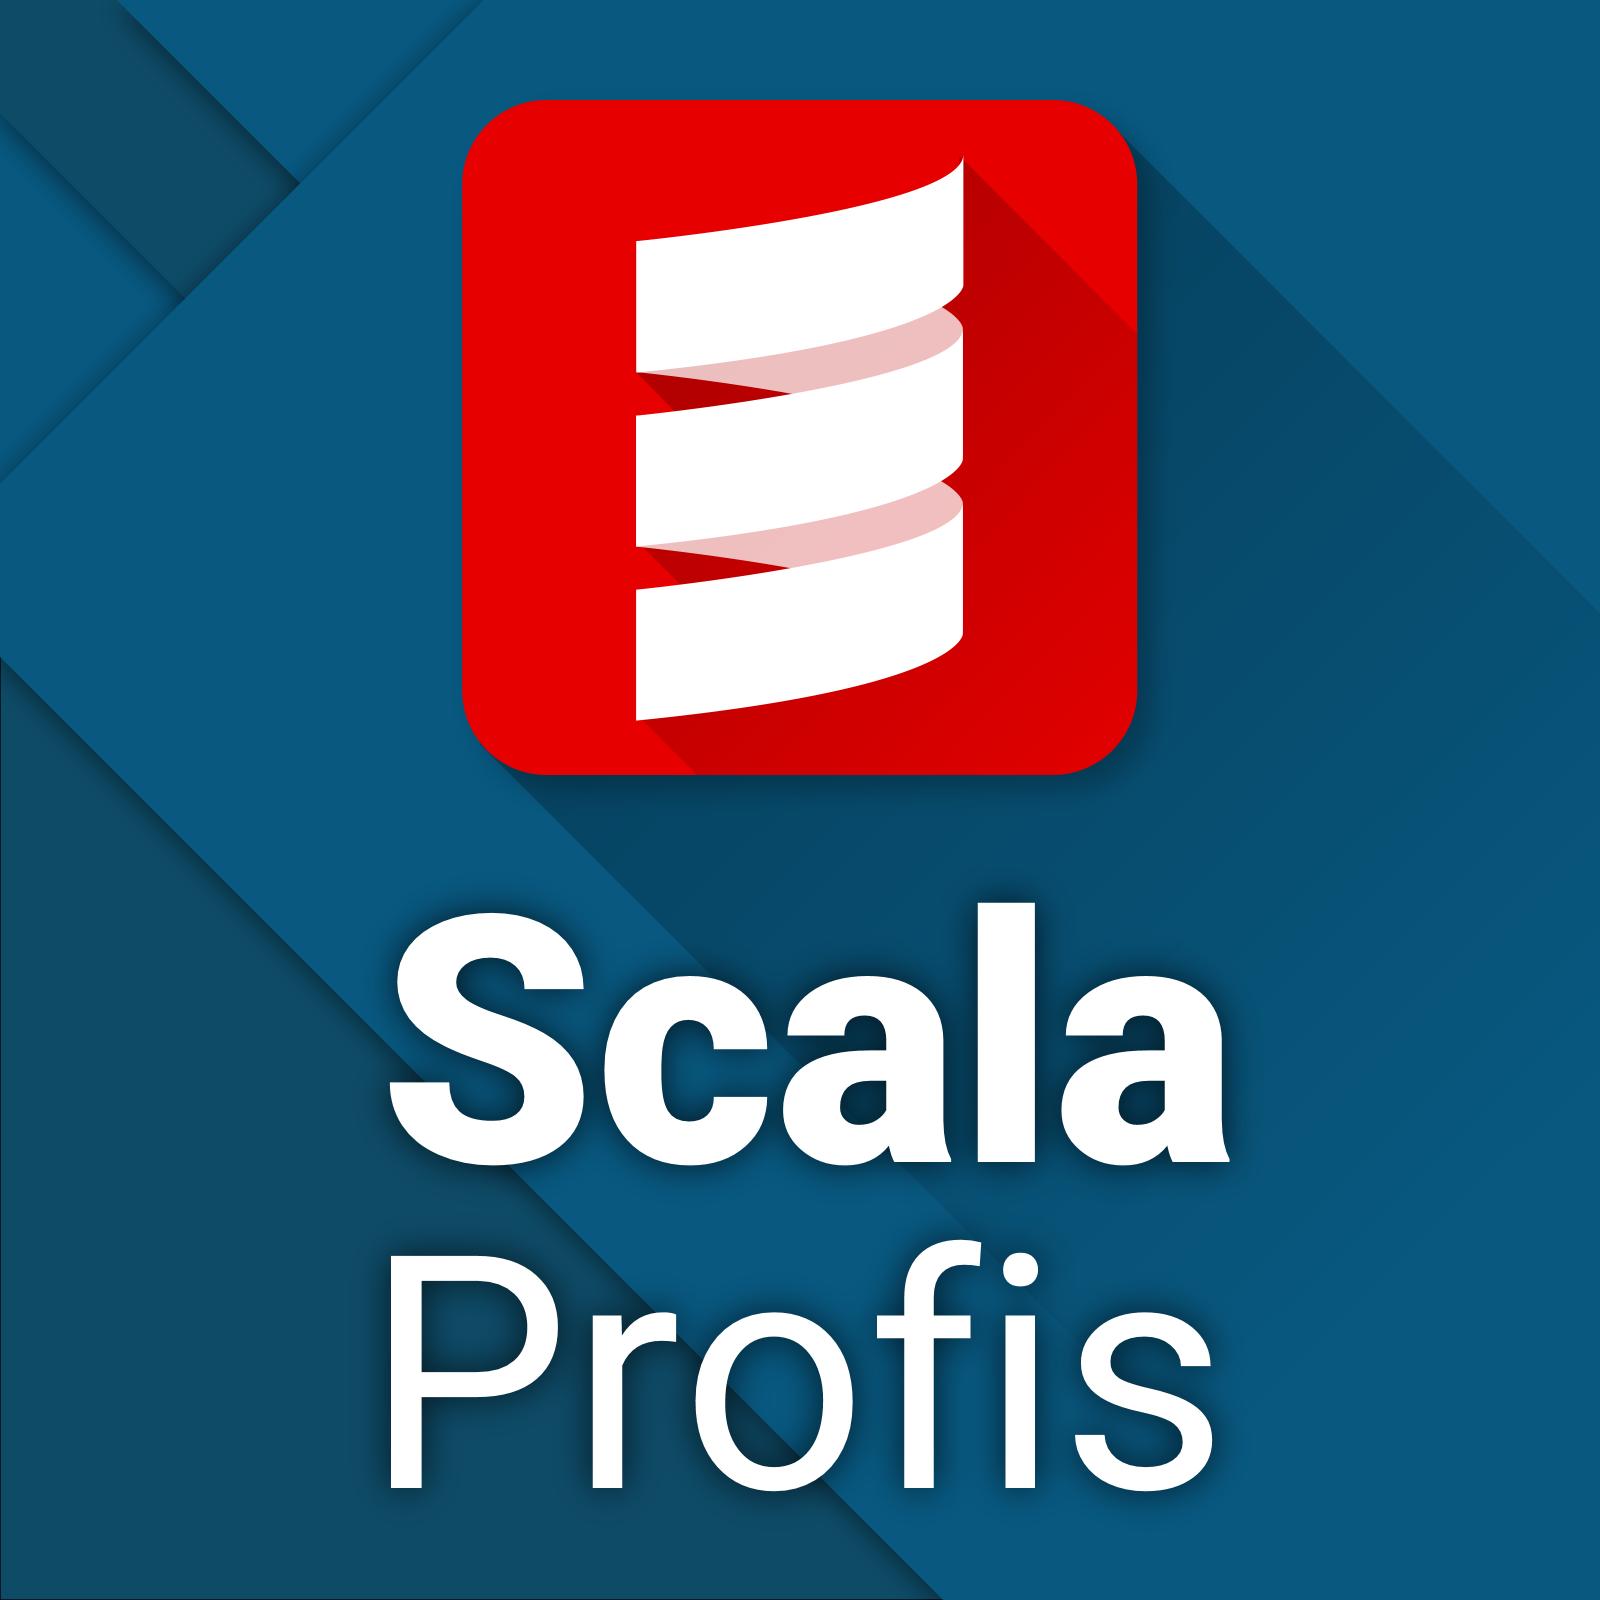 Scala Profis